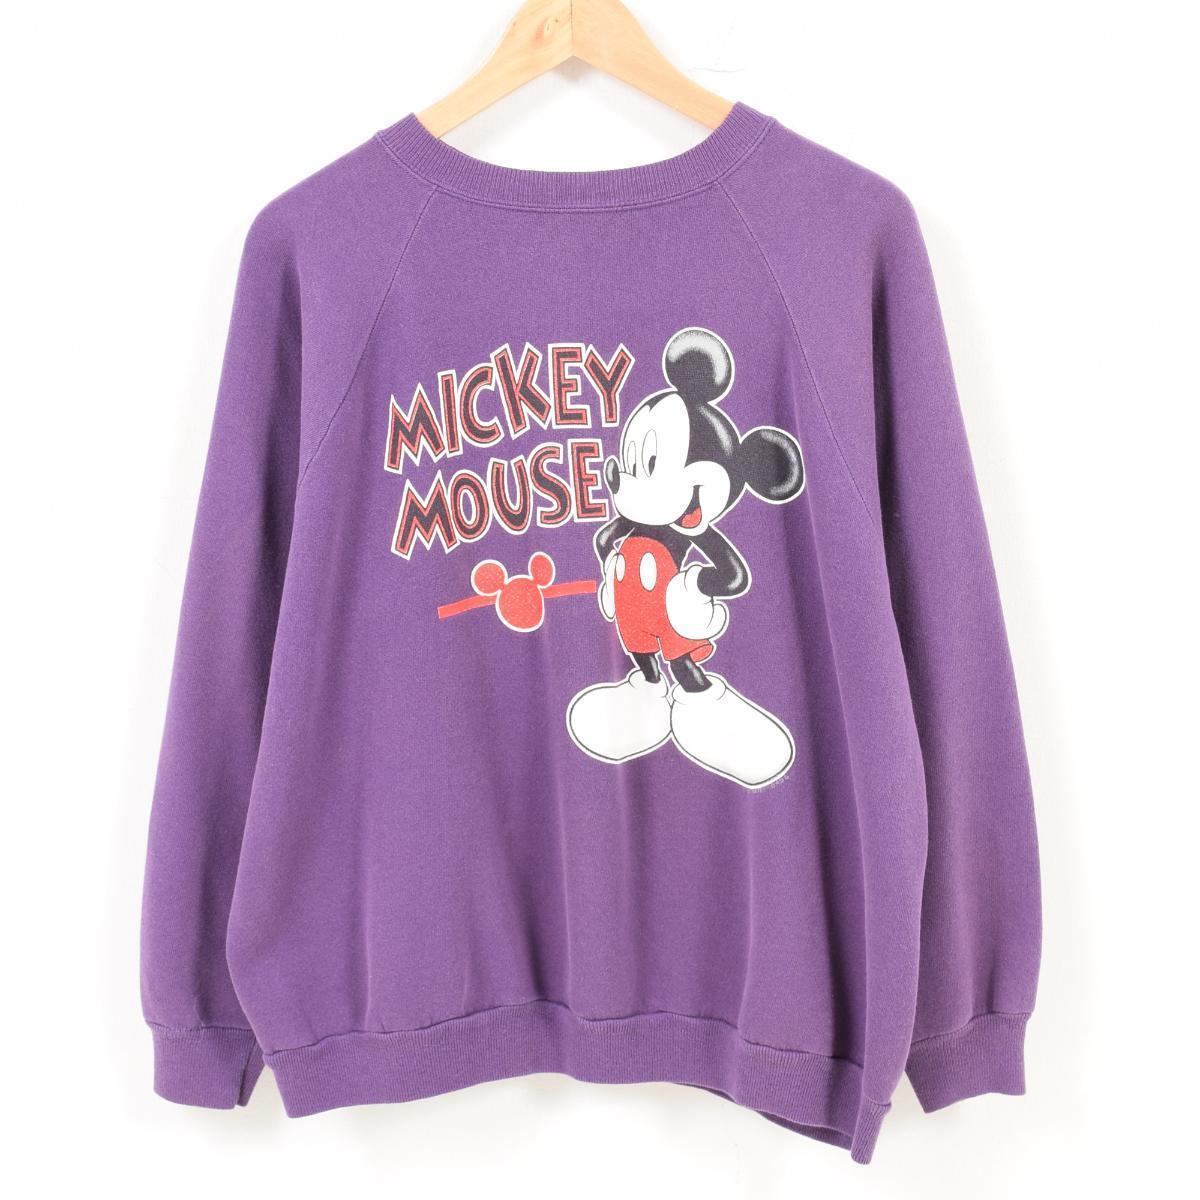 ヘインズ Hanes HerWay MICKEY MOUSE ミッキーマウス キャラクタースウェットシャツ トレーナー USA製 レディースL /wat7540 【中古】 【180814】